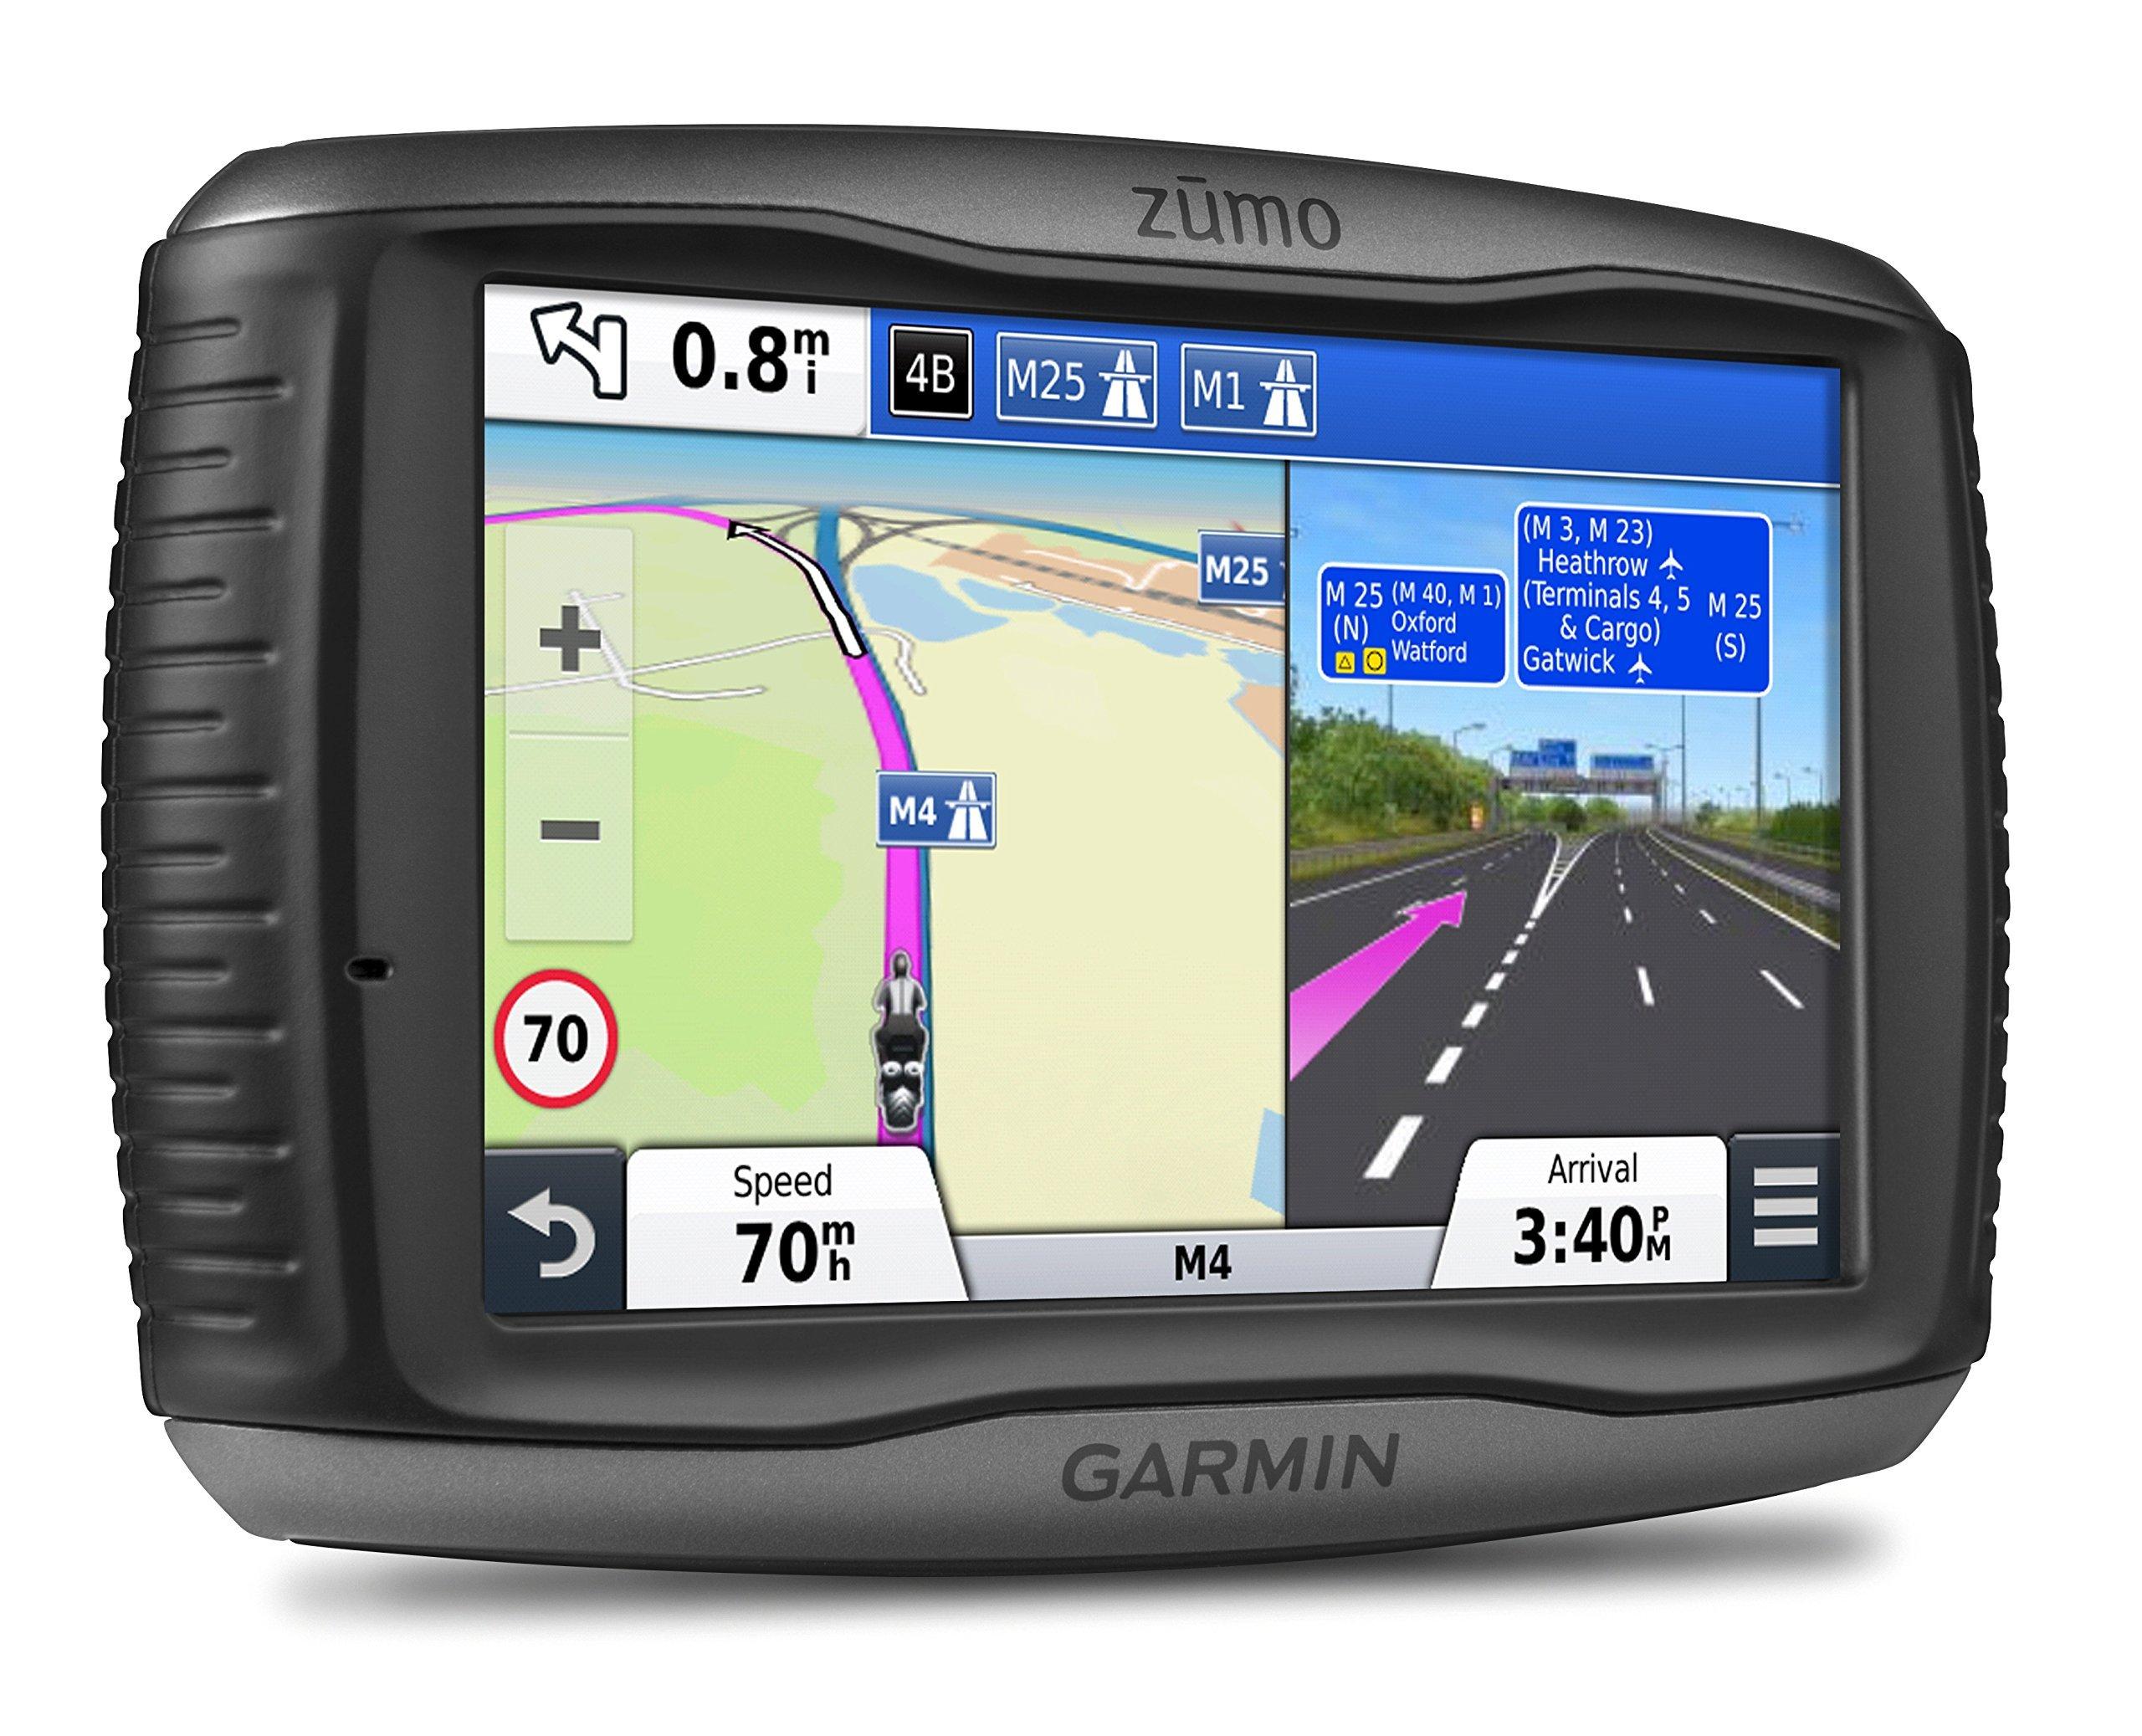 Bluetooth Garmin Zumo 660LM Mappa Europa Completa con Aggiornamento a Vita Incluso Navigatore Moto MP3 Impermeabile IPX7 Staffe e Cablaggi Auto e Moto Inclusi Schermo Touch 4.3